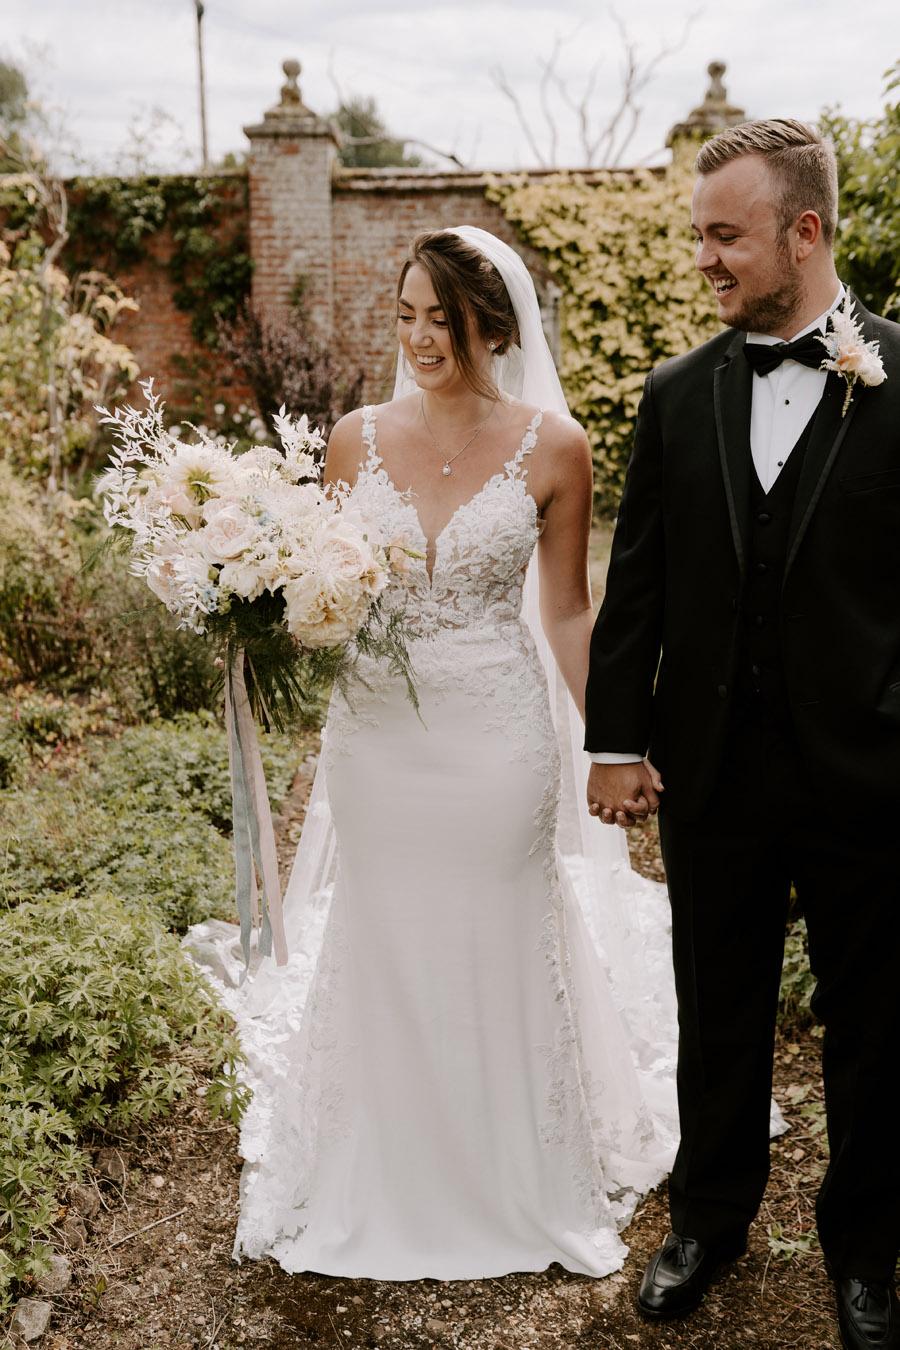 Classic and Stately – Edmondsham House wedding inspiration, image credit Jack Aldridge Photography (4)